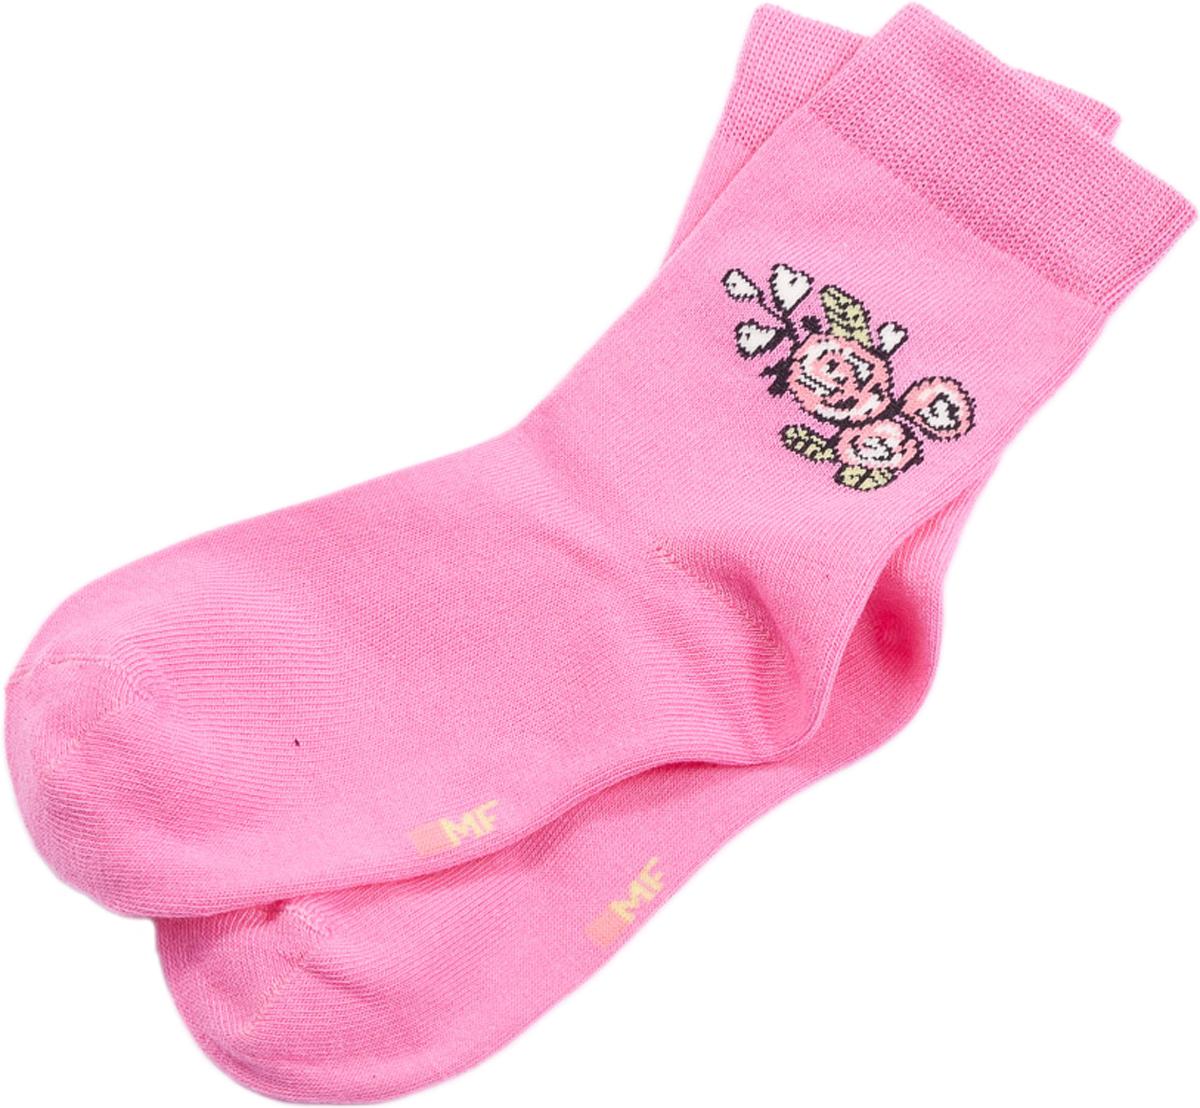 Носки для девочек Mark Formelle, цвет: розовый. 400K-370_991. Размер 34/36400K-370_991